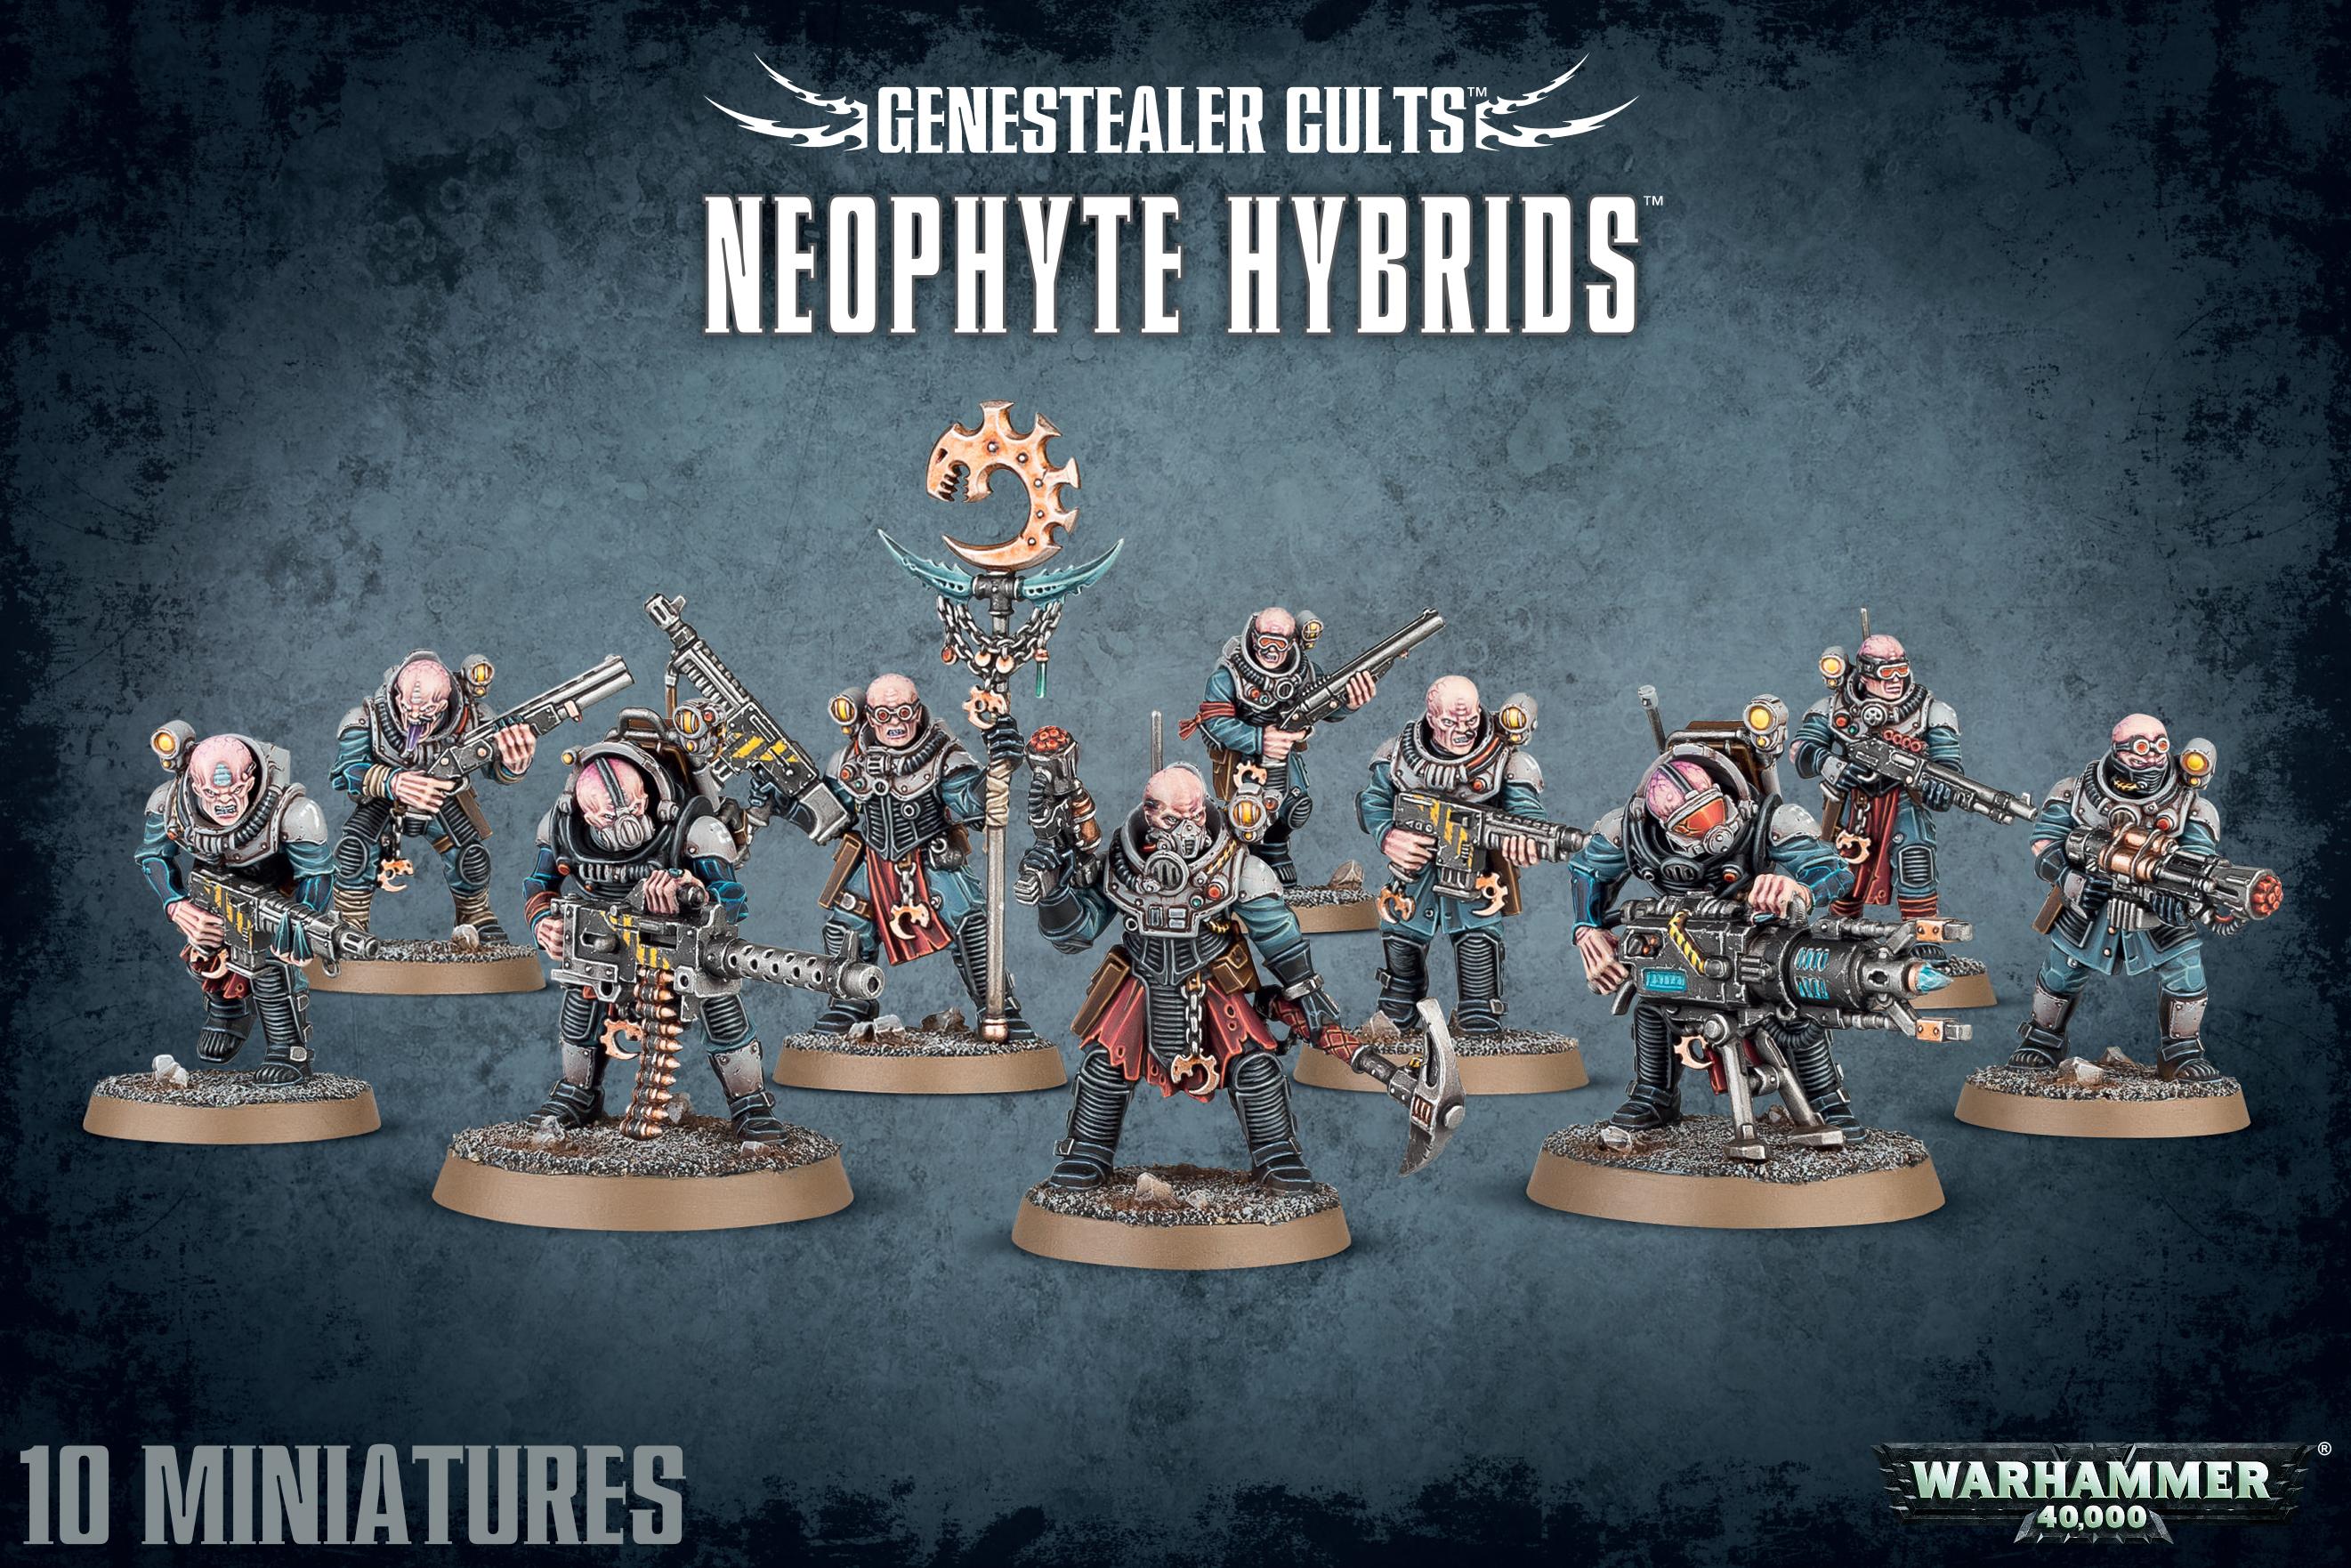 Neophyte Hybrids